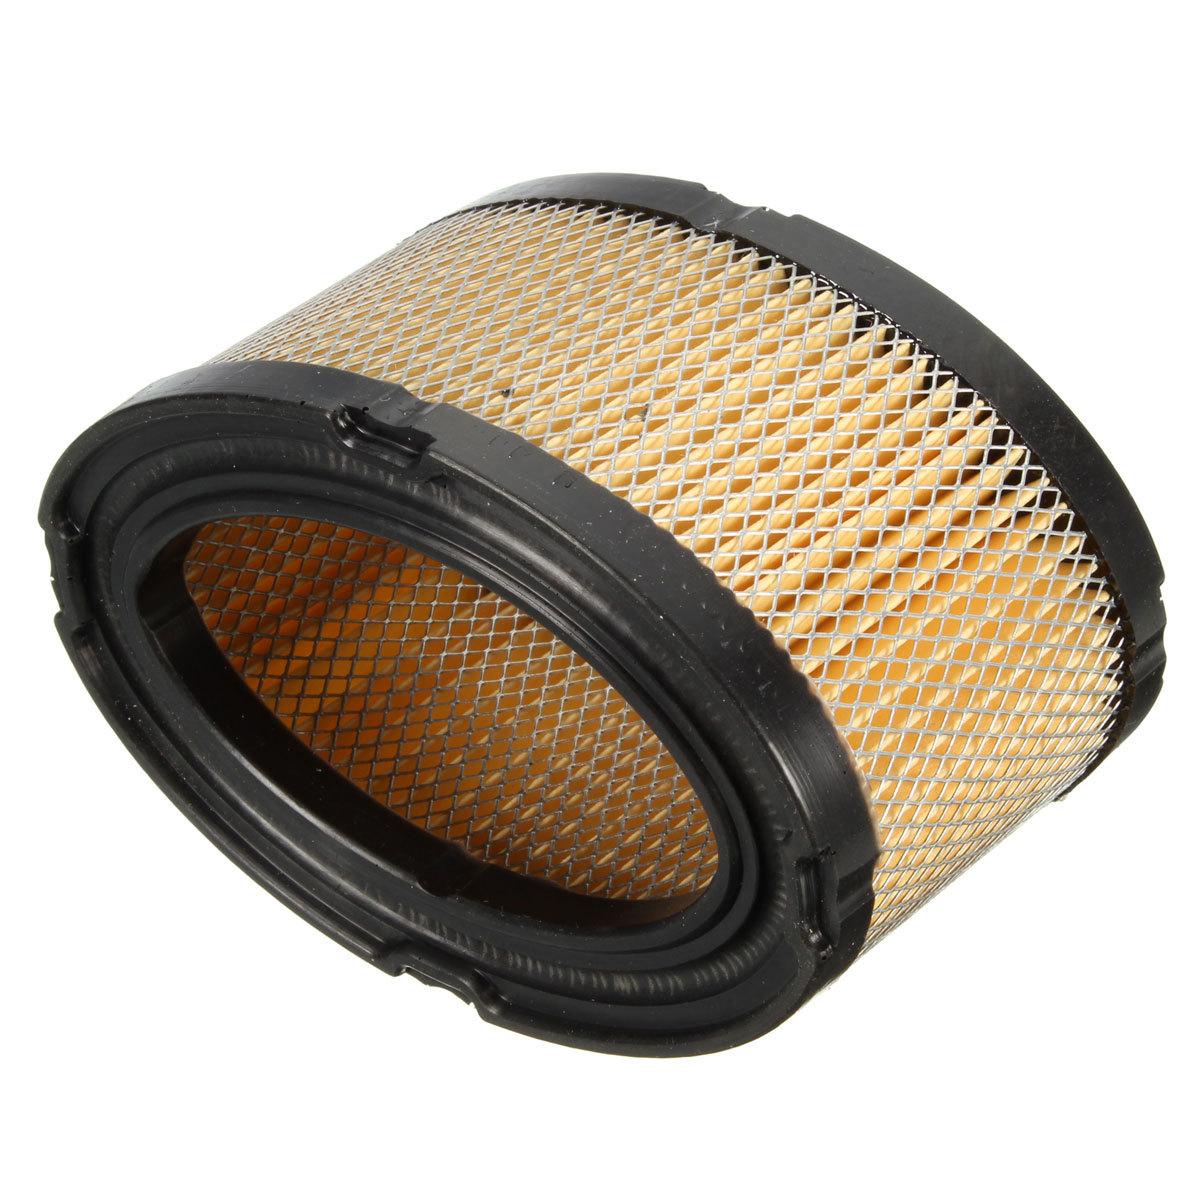 Garden Trimmer Air Filter Replacement For Tecumseh 33268 ...